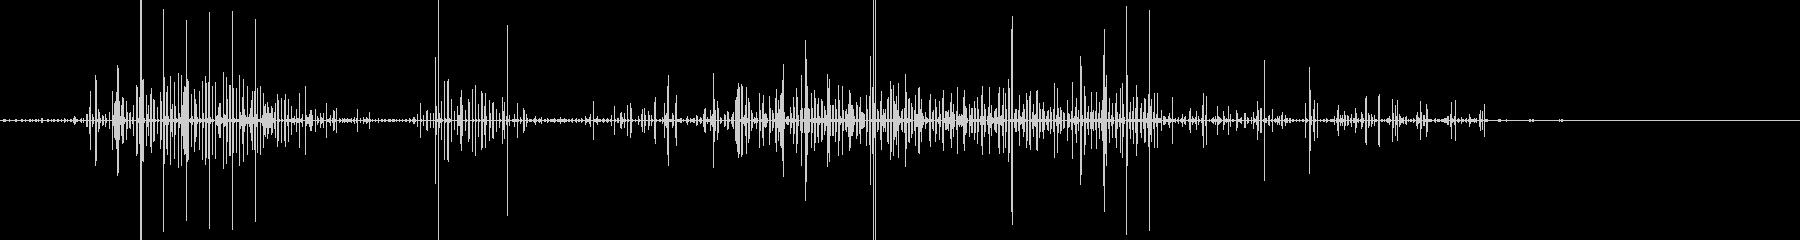 電気ノイズ02の未再生の波形